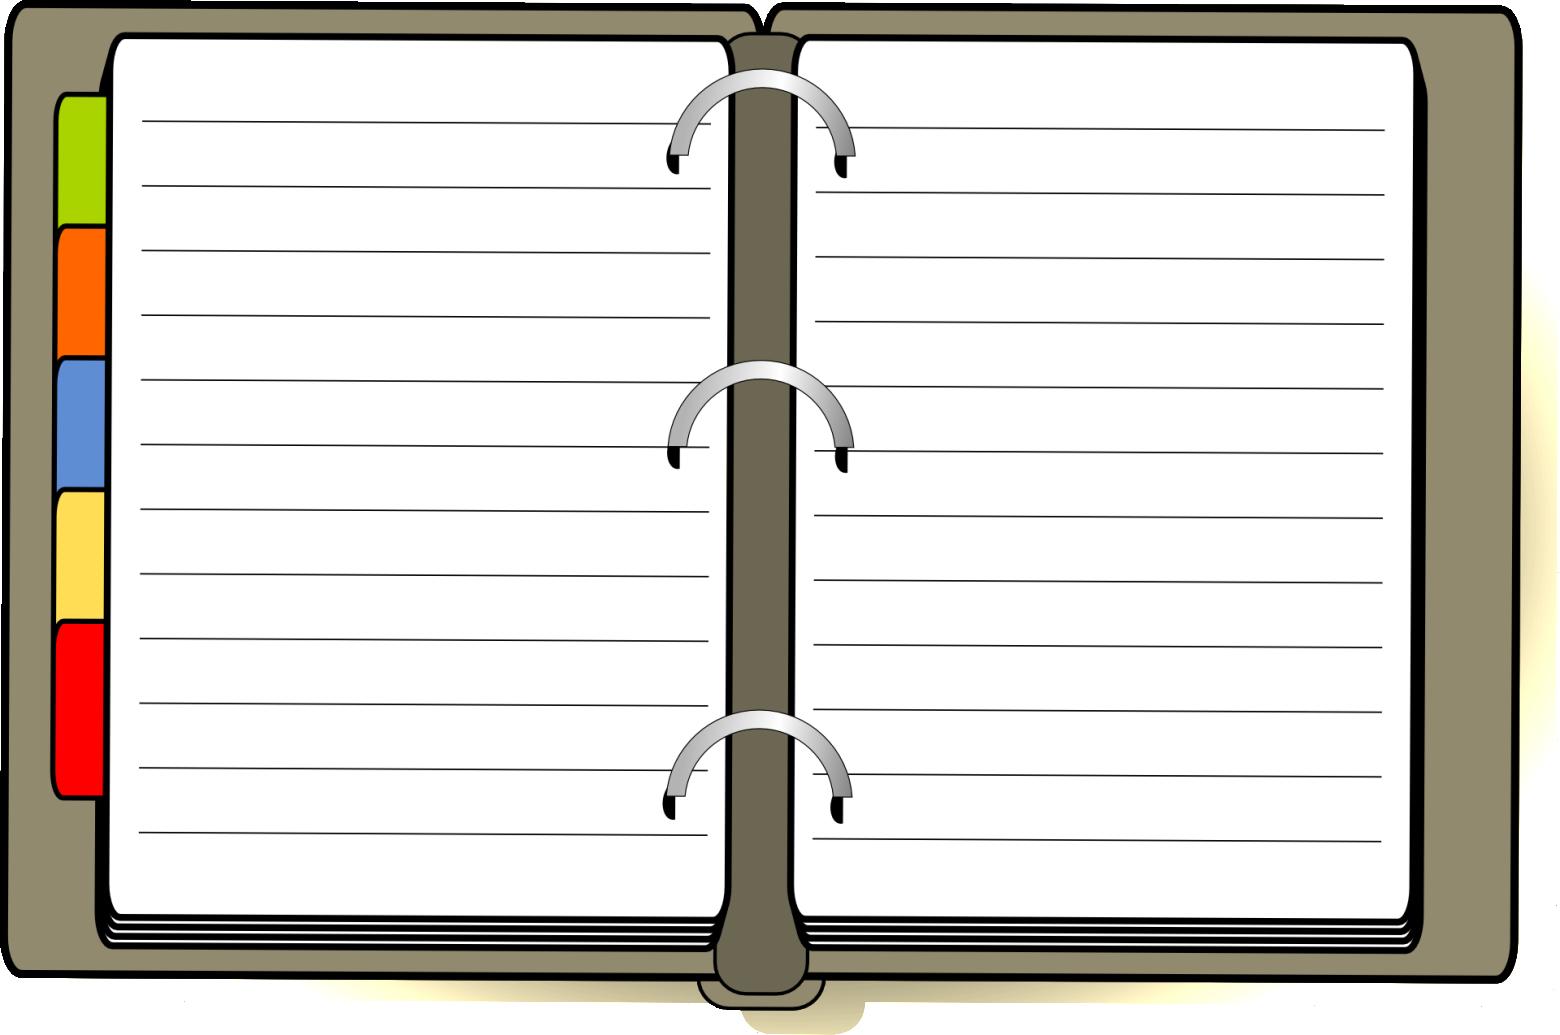 école agenda cahier de texte images clipart illustration gratuites ...